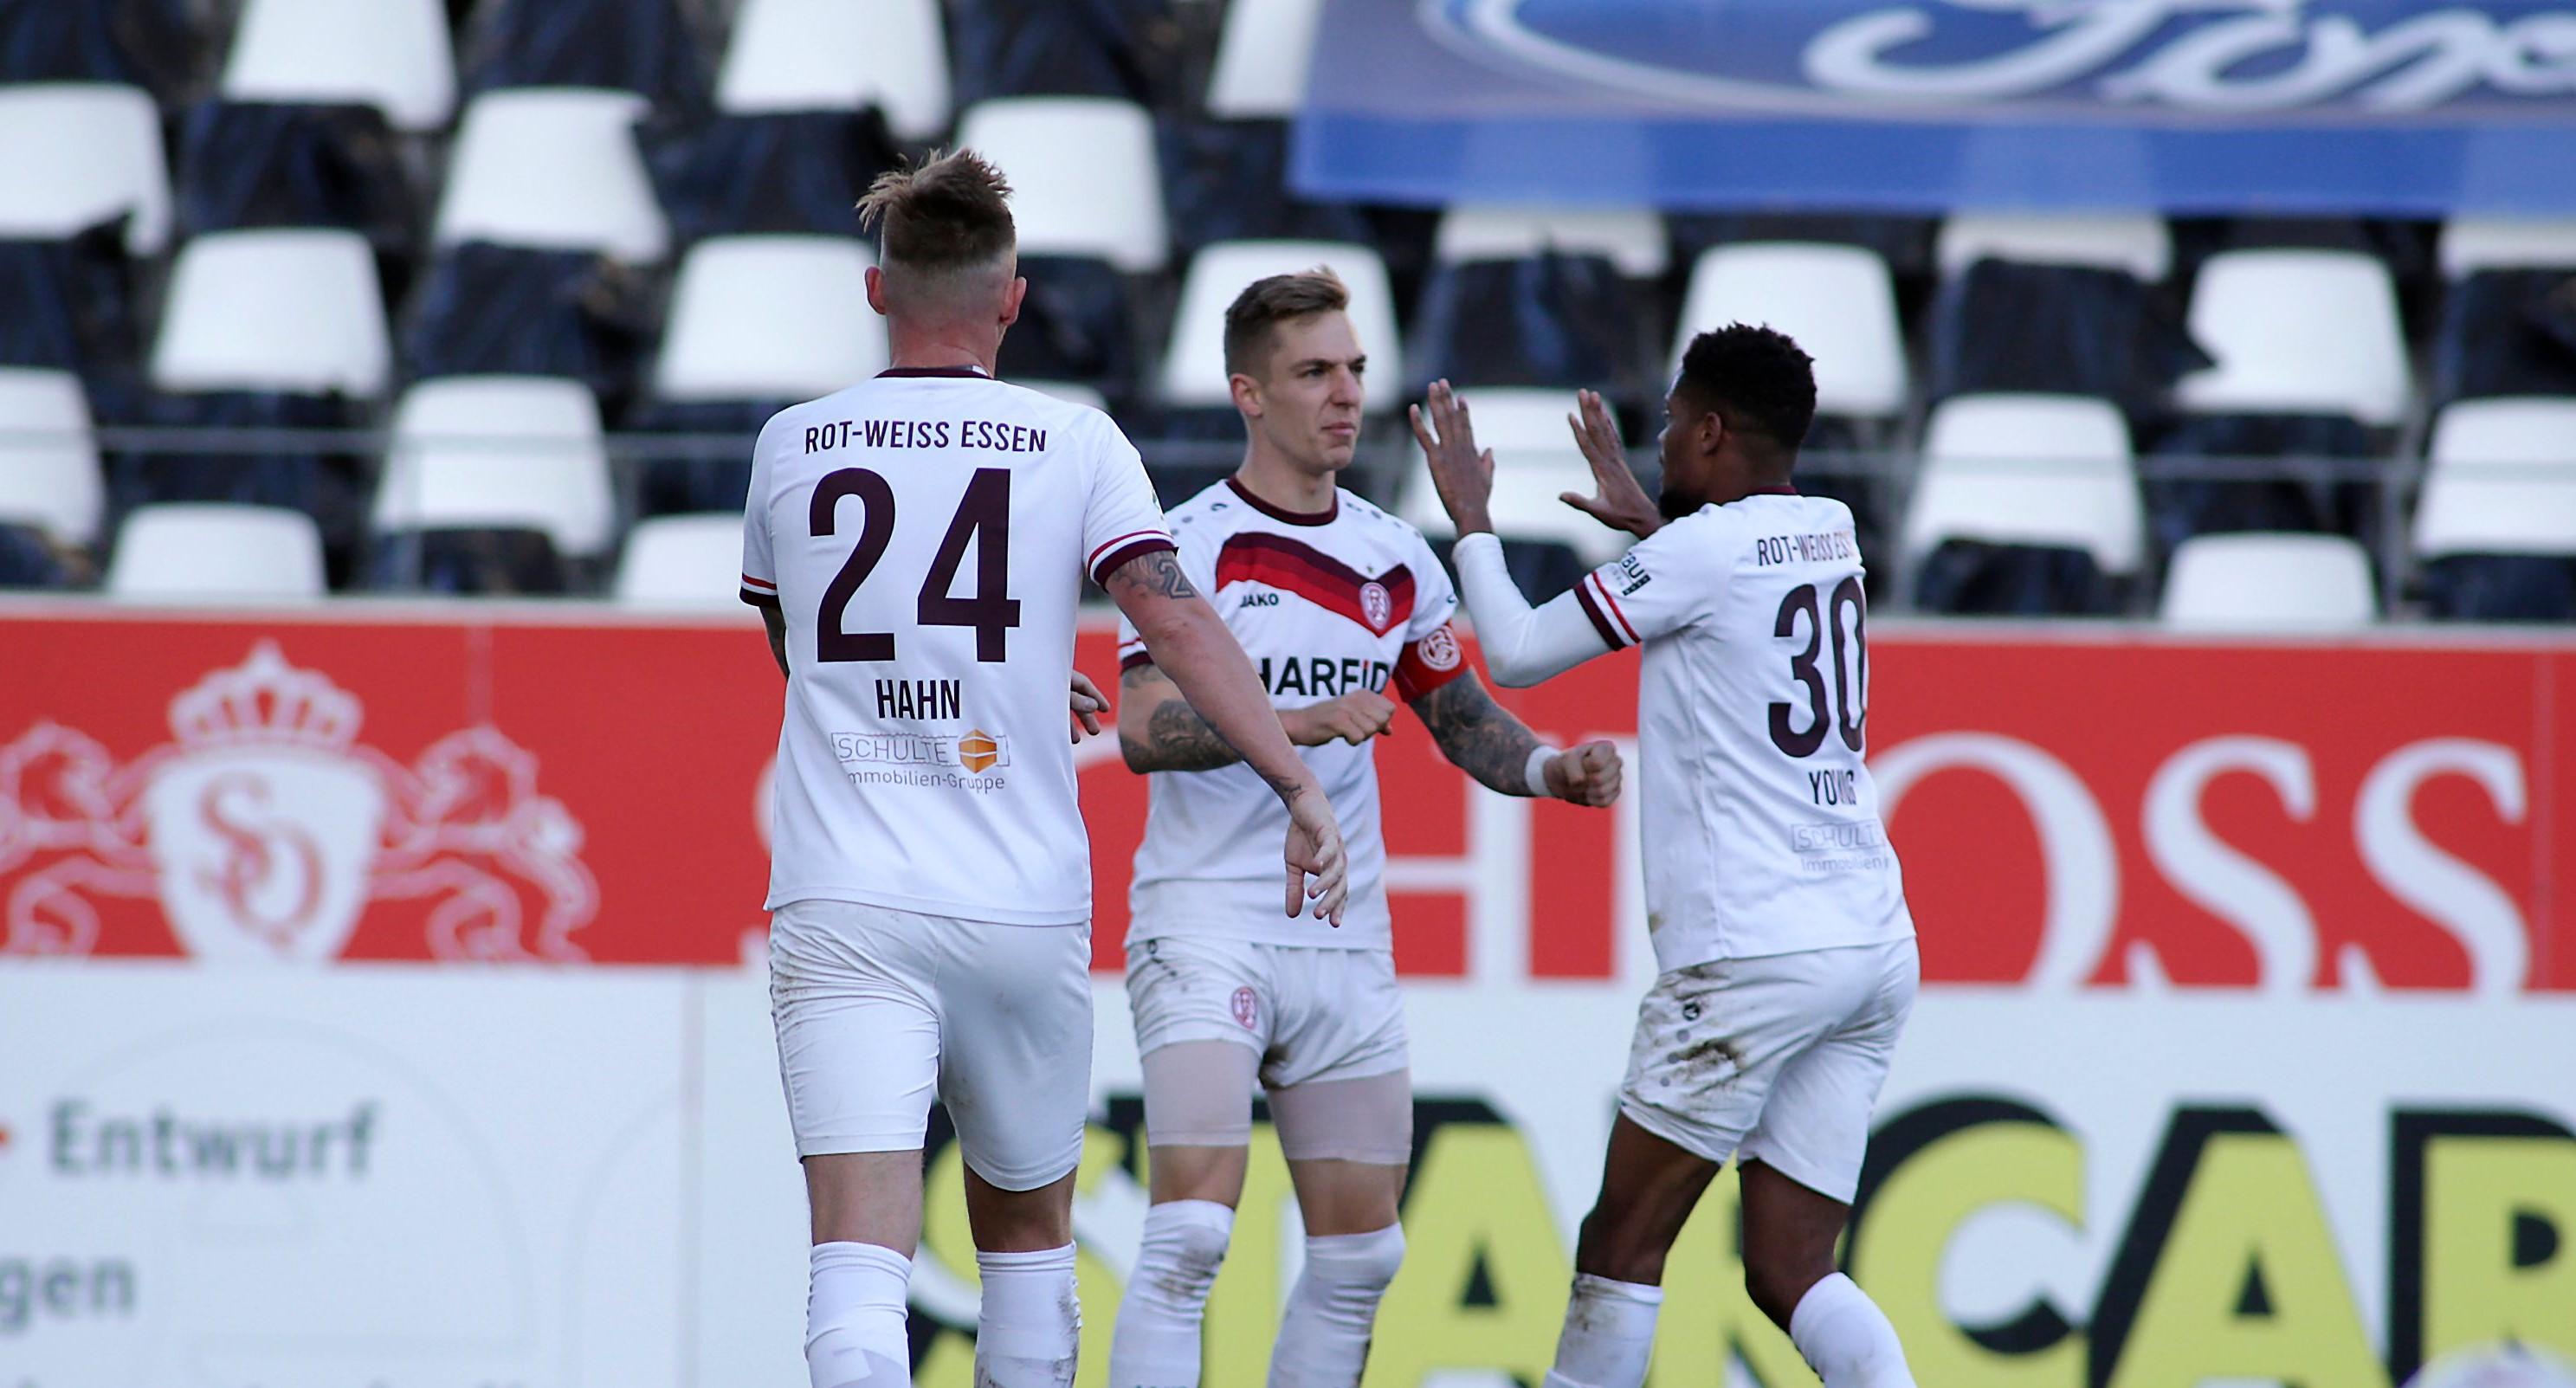 Der Kapitän mit dem Dosenöffner: Kehl-Gomez bringt die Rot-Weissen nach 34 Minuten in Führung. (Foto: Endberg)